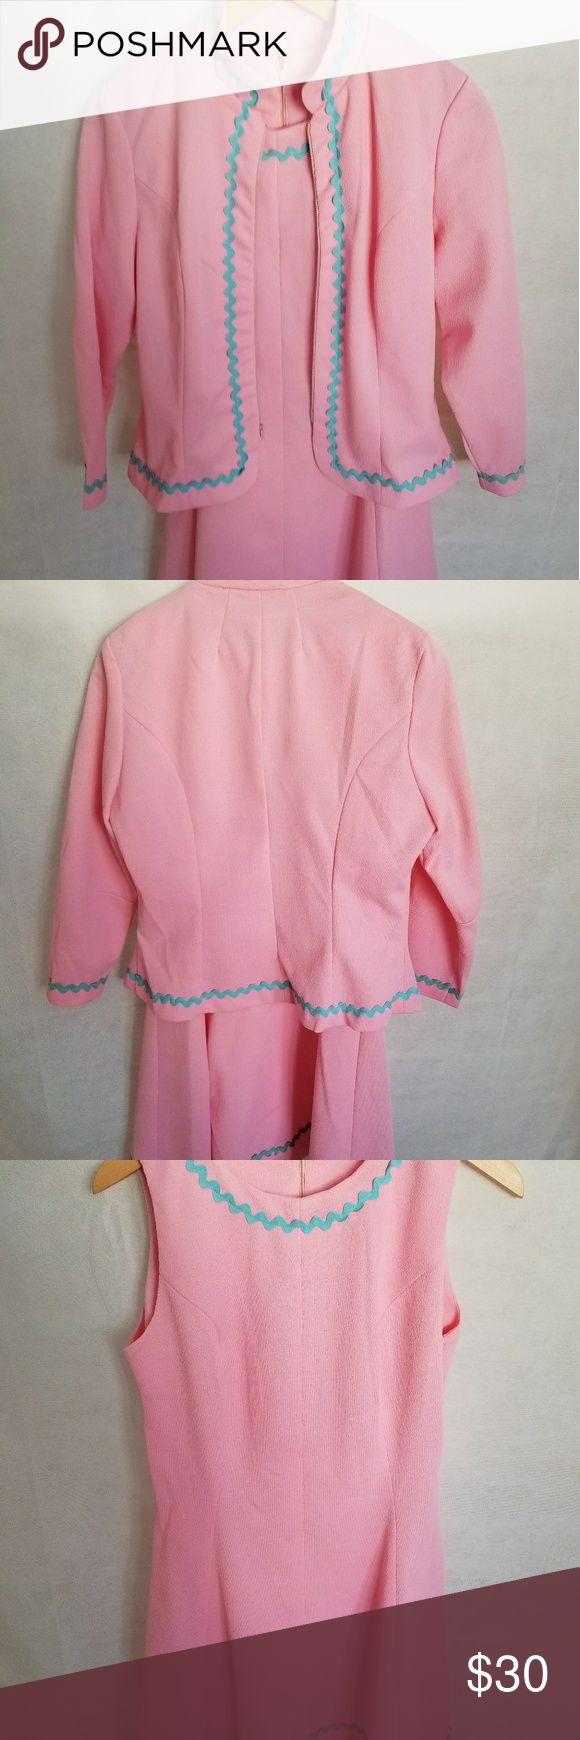 """Women's 1950s Junior Sixes Inc Dress & Jacket Gorgeous 1950s Junior Sixes Inc Pink Dress & Jacket in excellent condition. Measurements:  Bust 42""""/Waist 36""""/Hips 40""""/Length 35""""/Labeled size 15 Vintage Dresses Mini"""